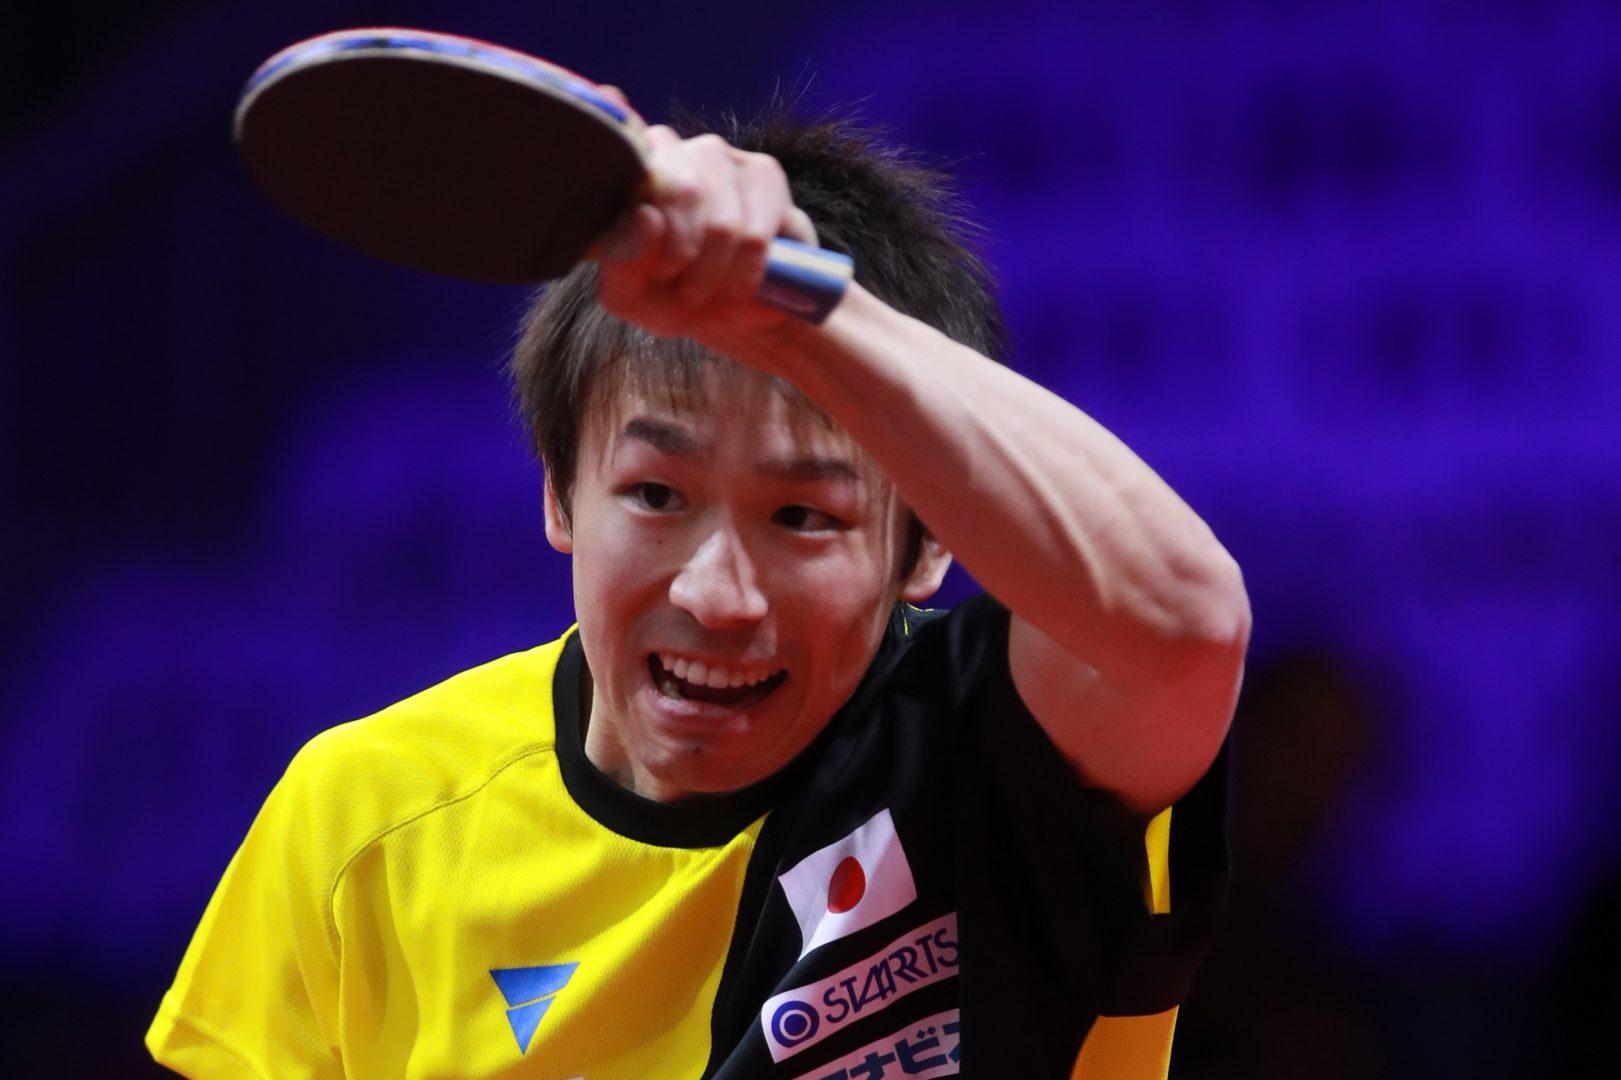 【卓球】丹羽孝希、苦しみながらも2回戦進出<世界卓球2019>